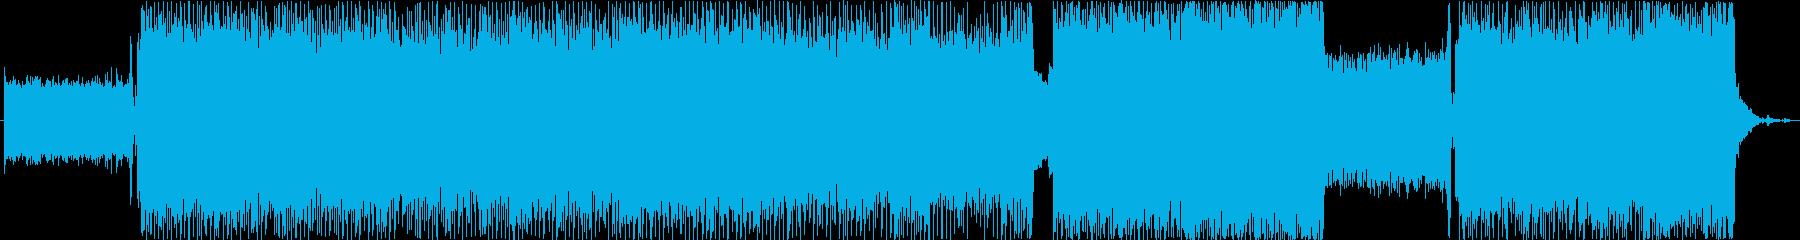 スピード感溢れるエレクトロ・ロックの再生済みの波形